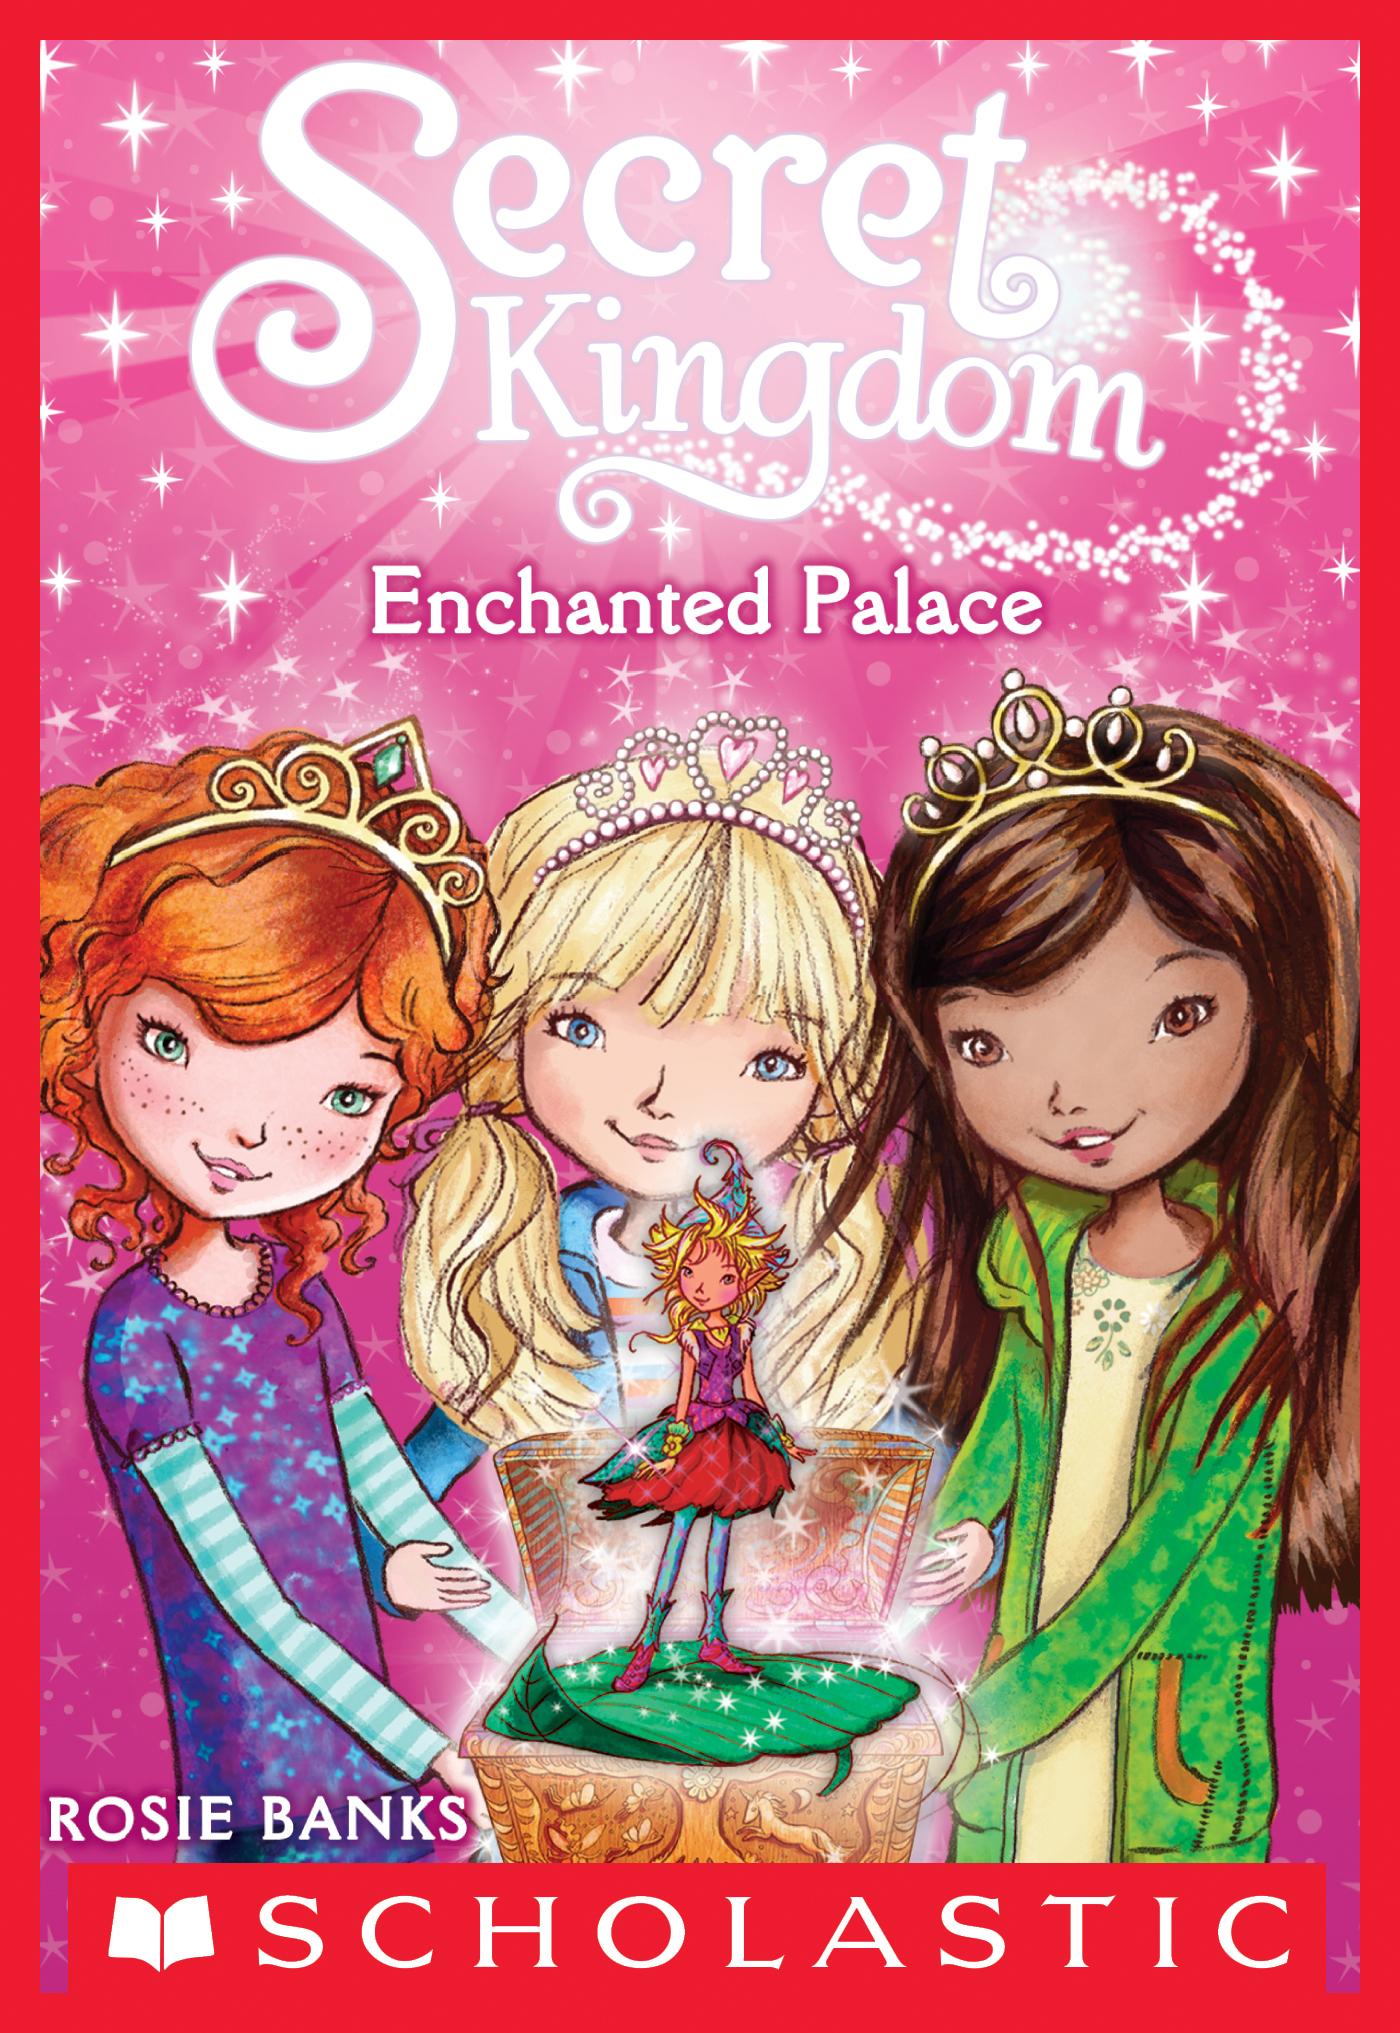 Secret Kingdom #1: Enchanted Palace